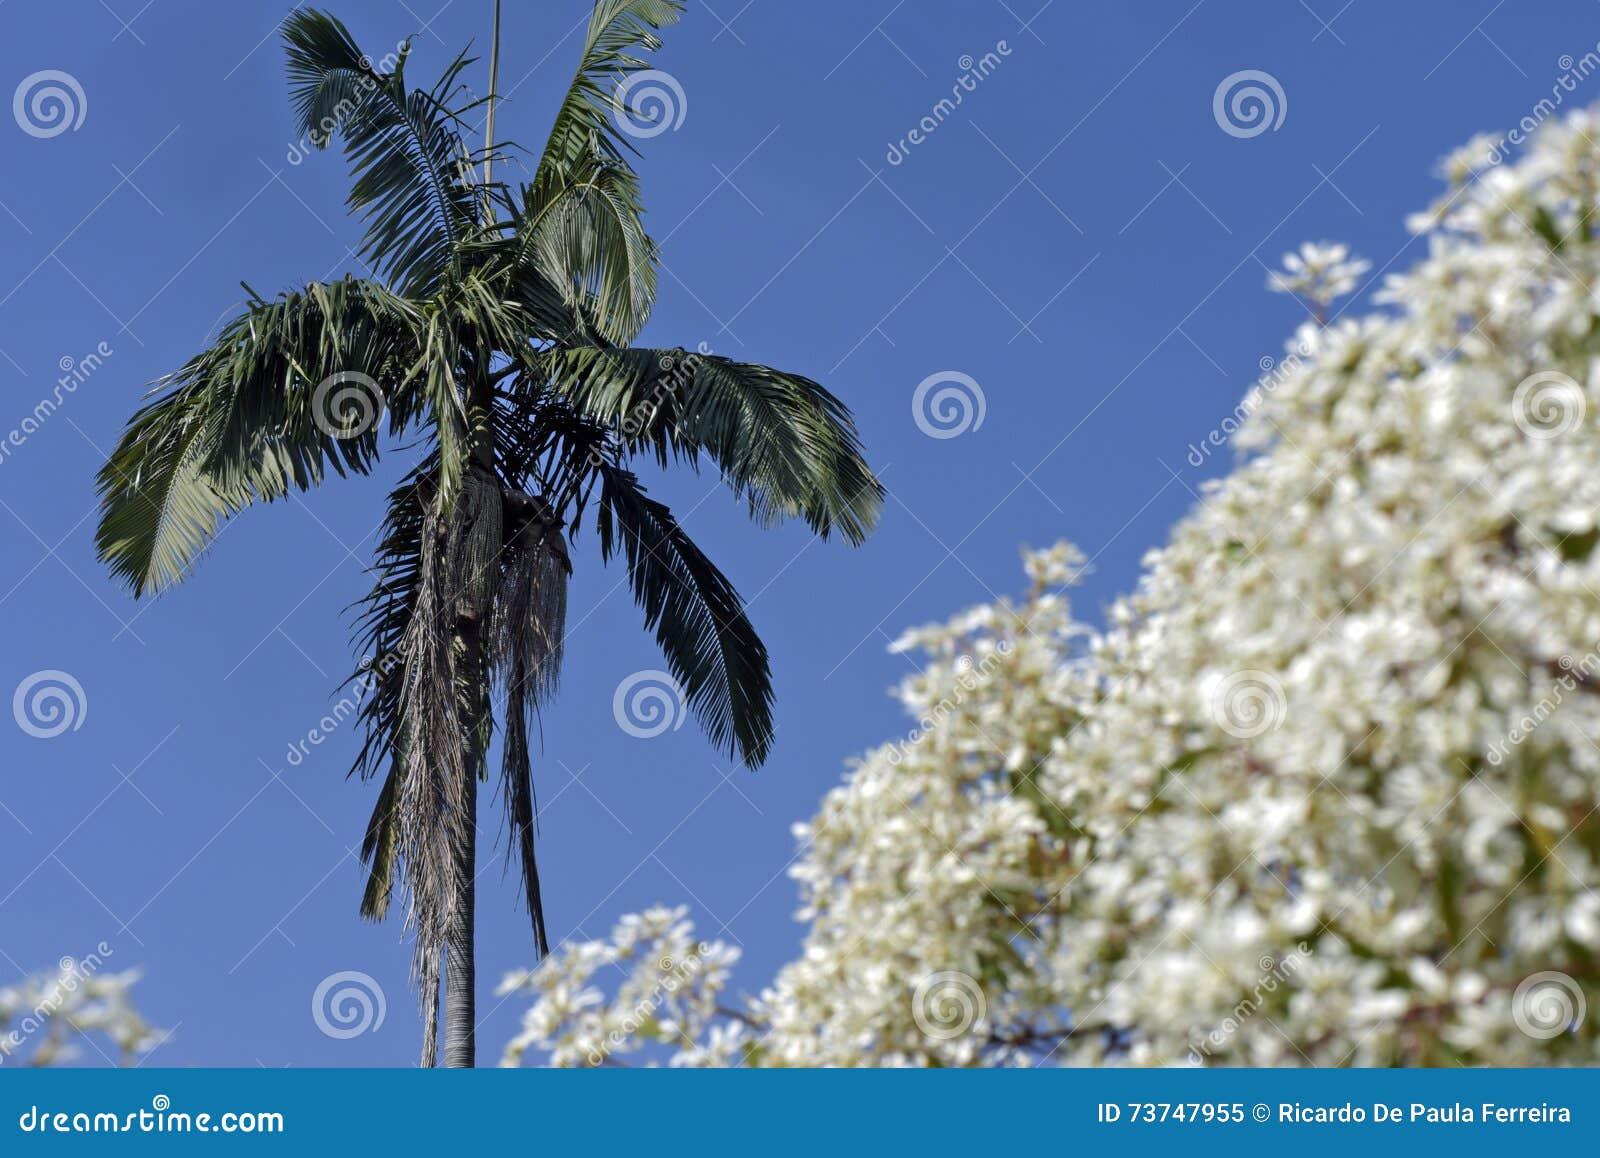 Palmera Enmarcada Por Las Flores Blancas Imagen de archivo - Imagen ...